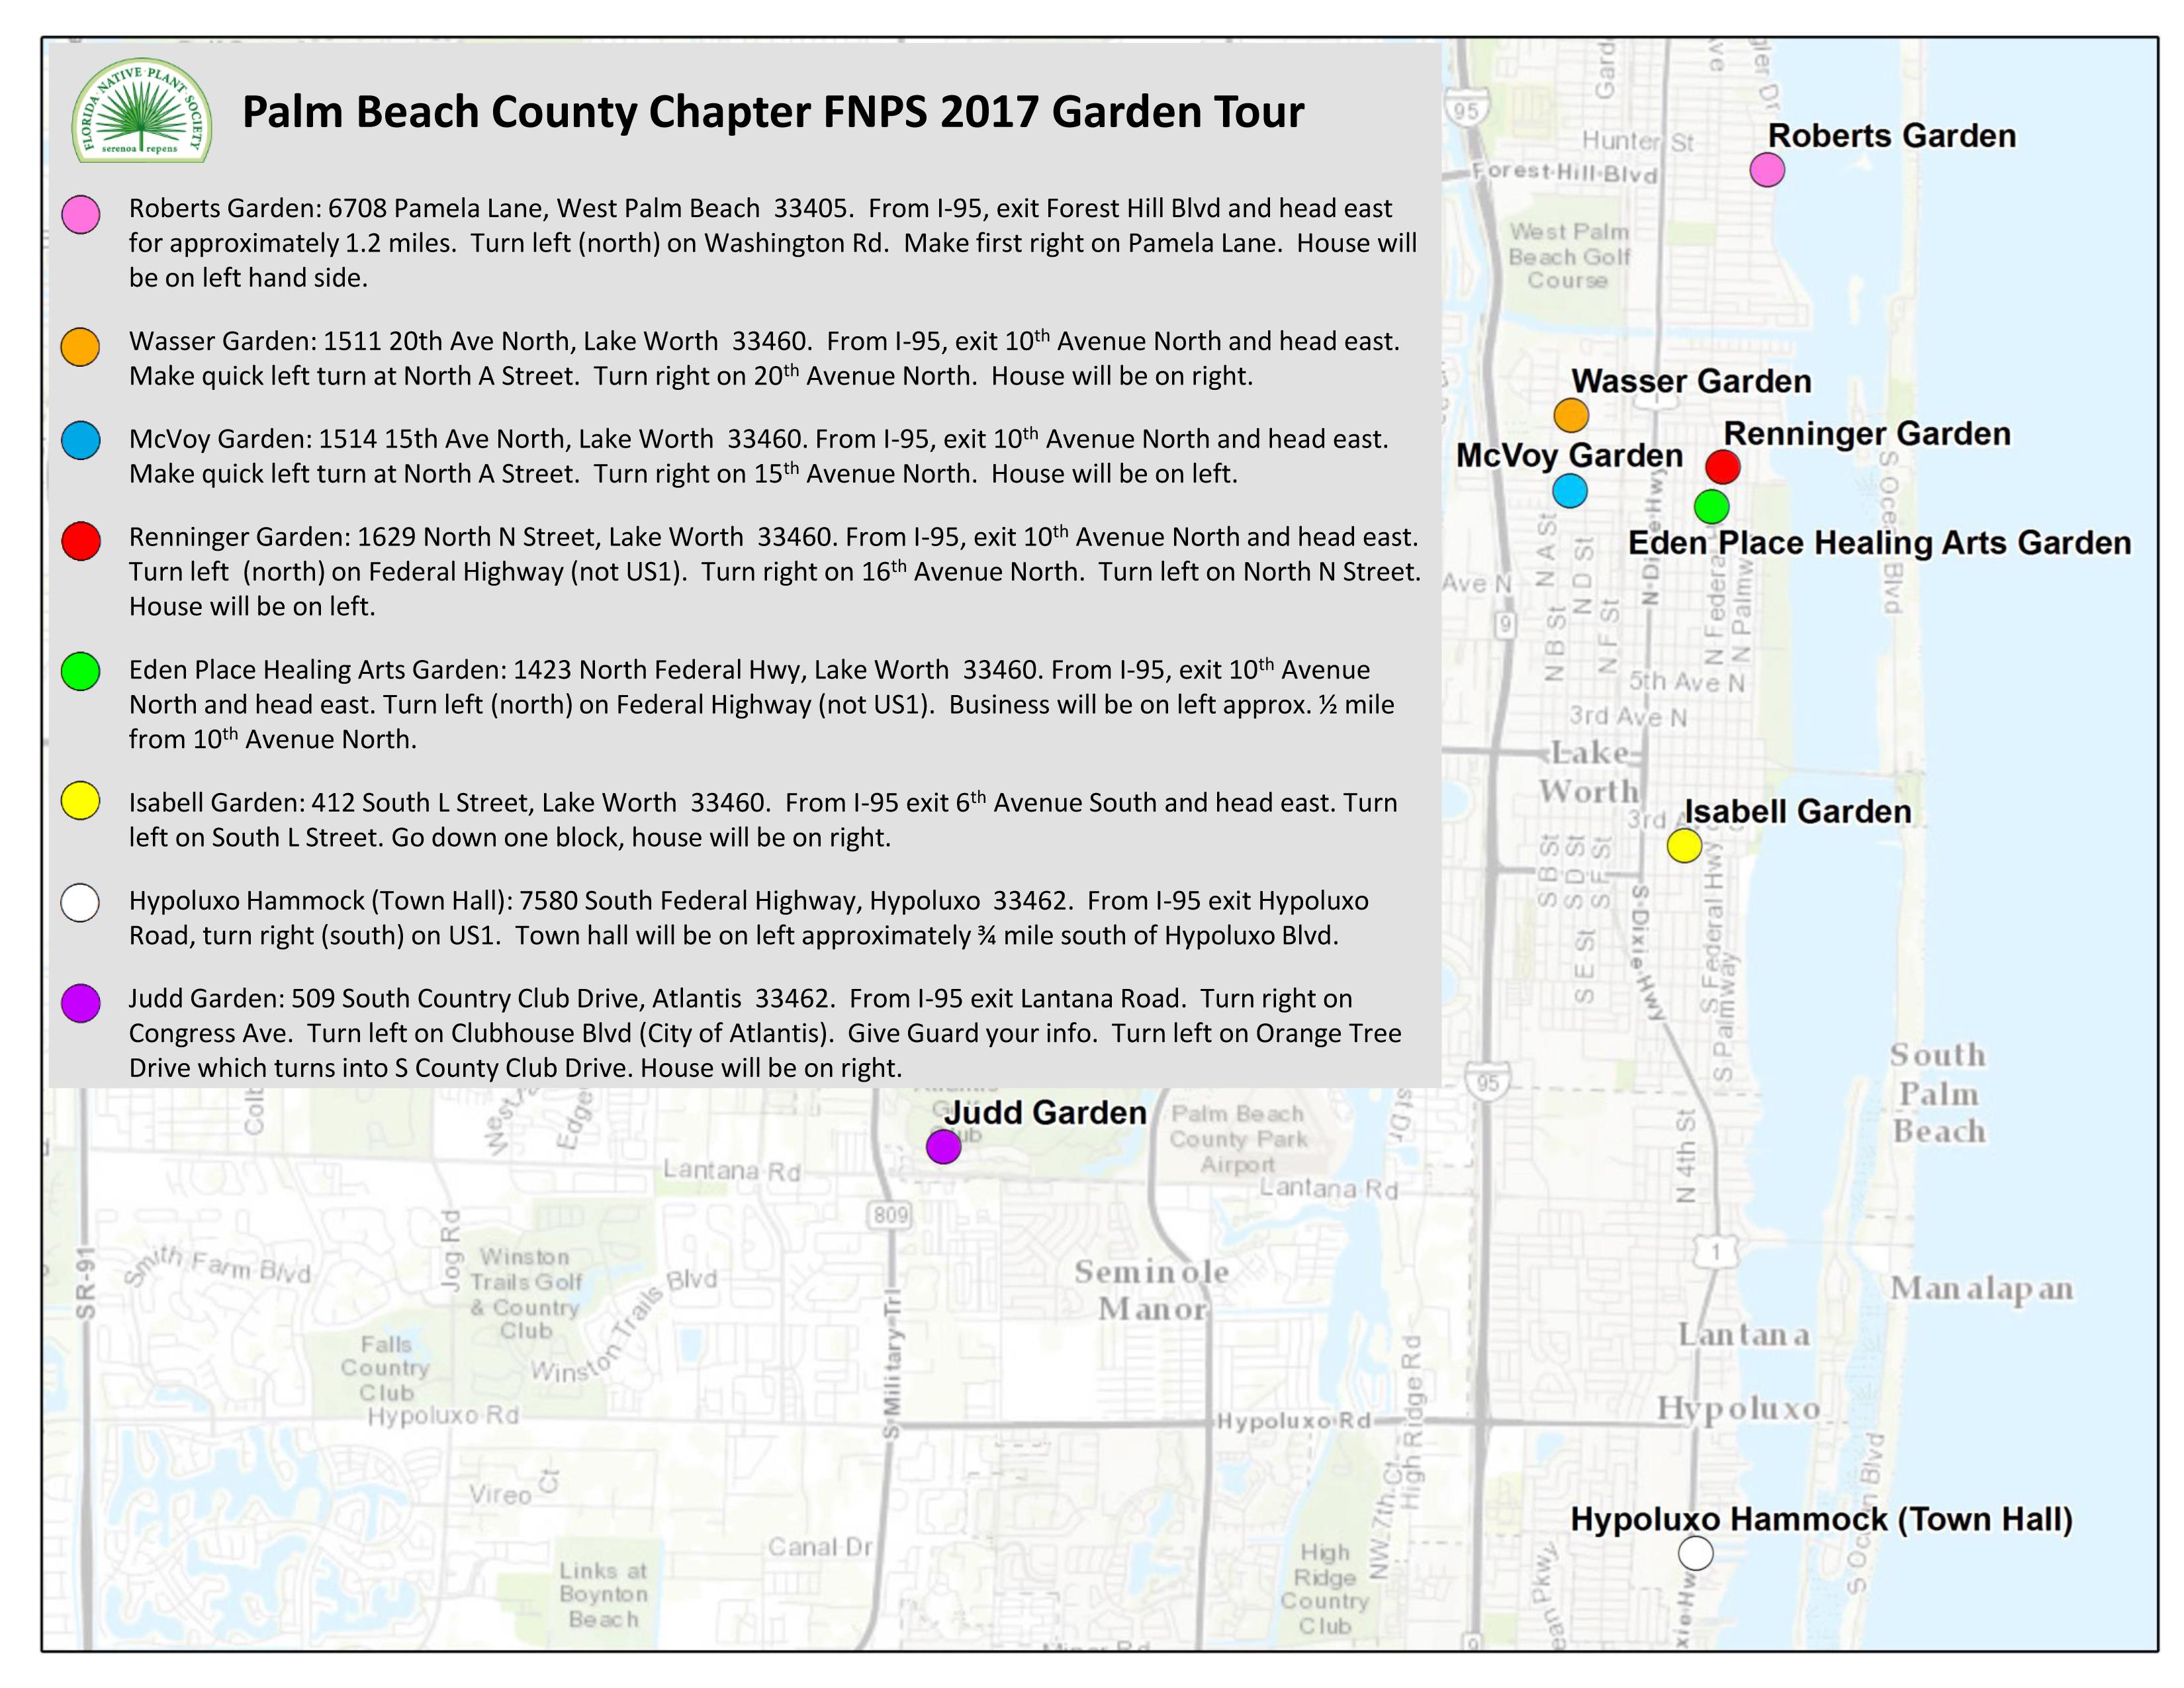 2017 Annual Native Plant Garden Tour - Palm Beach